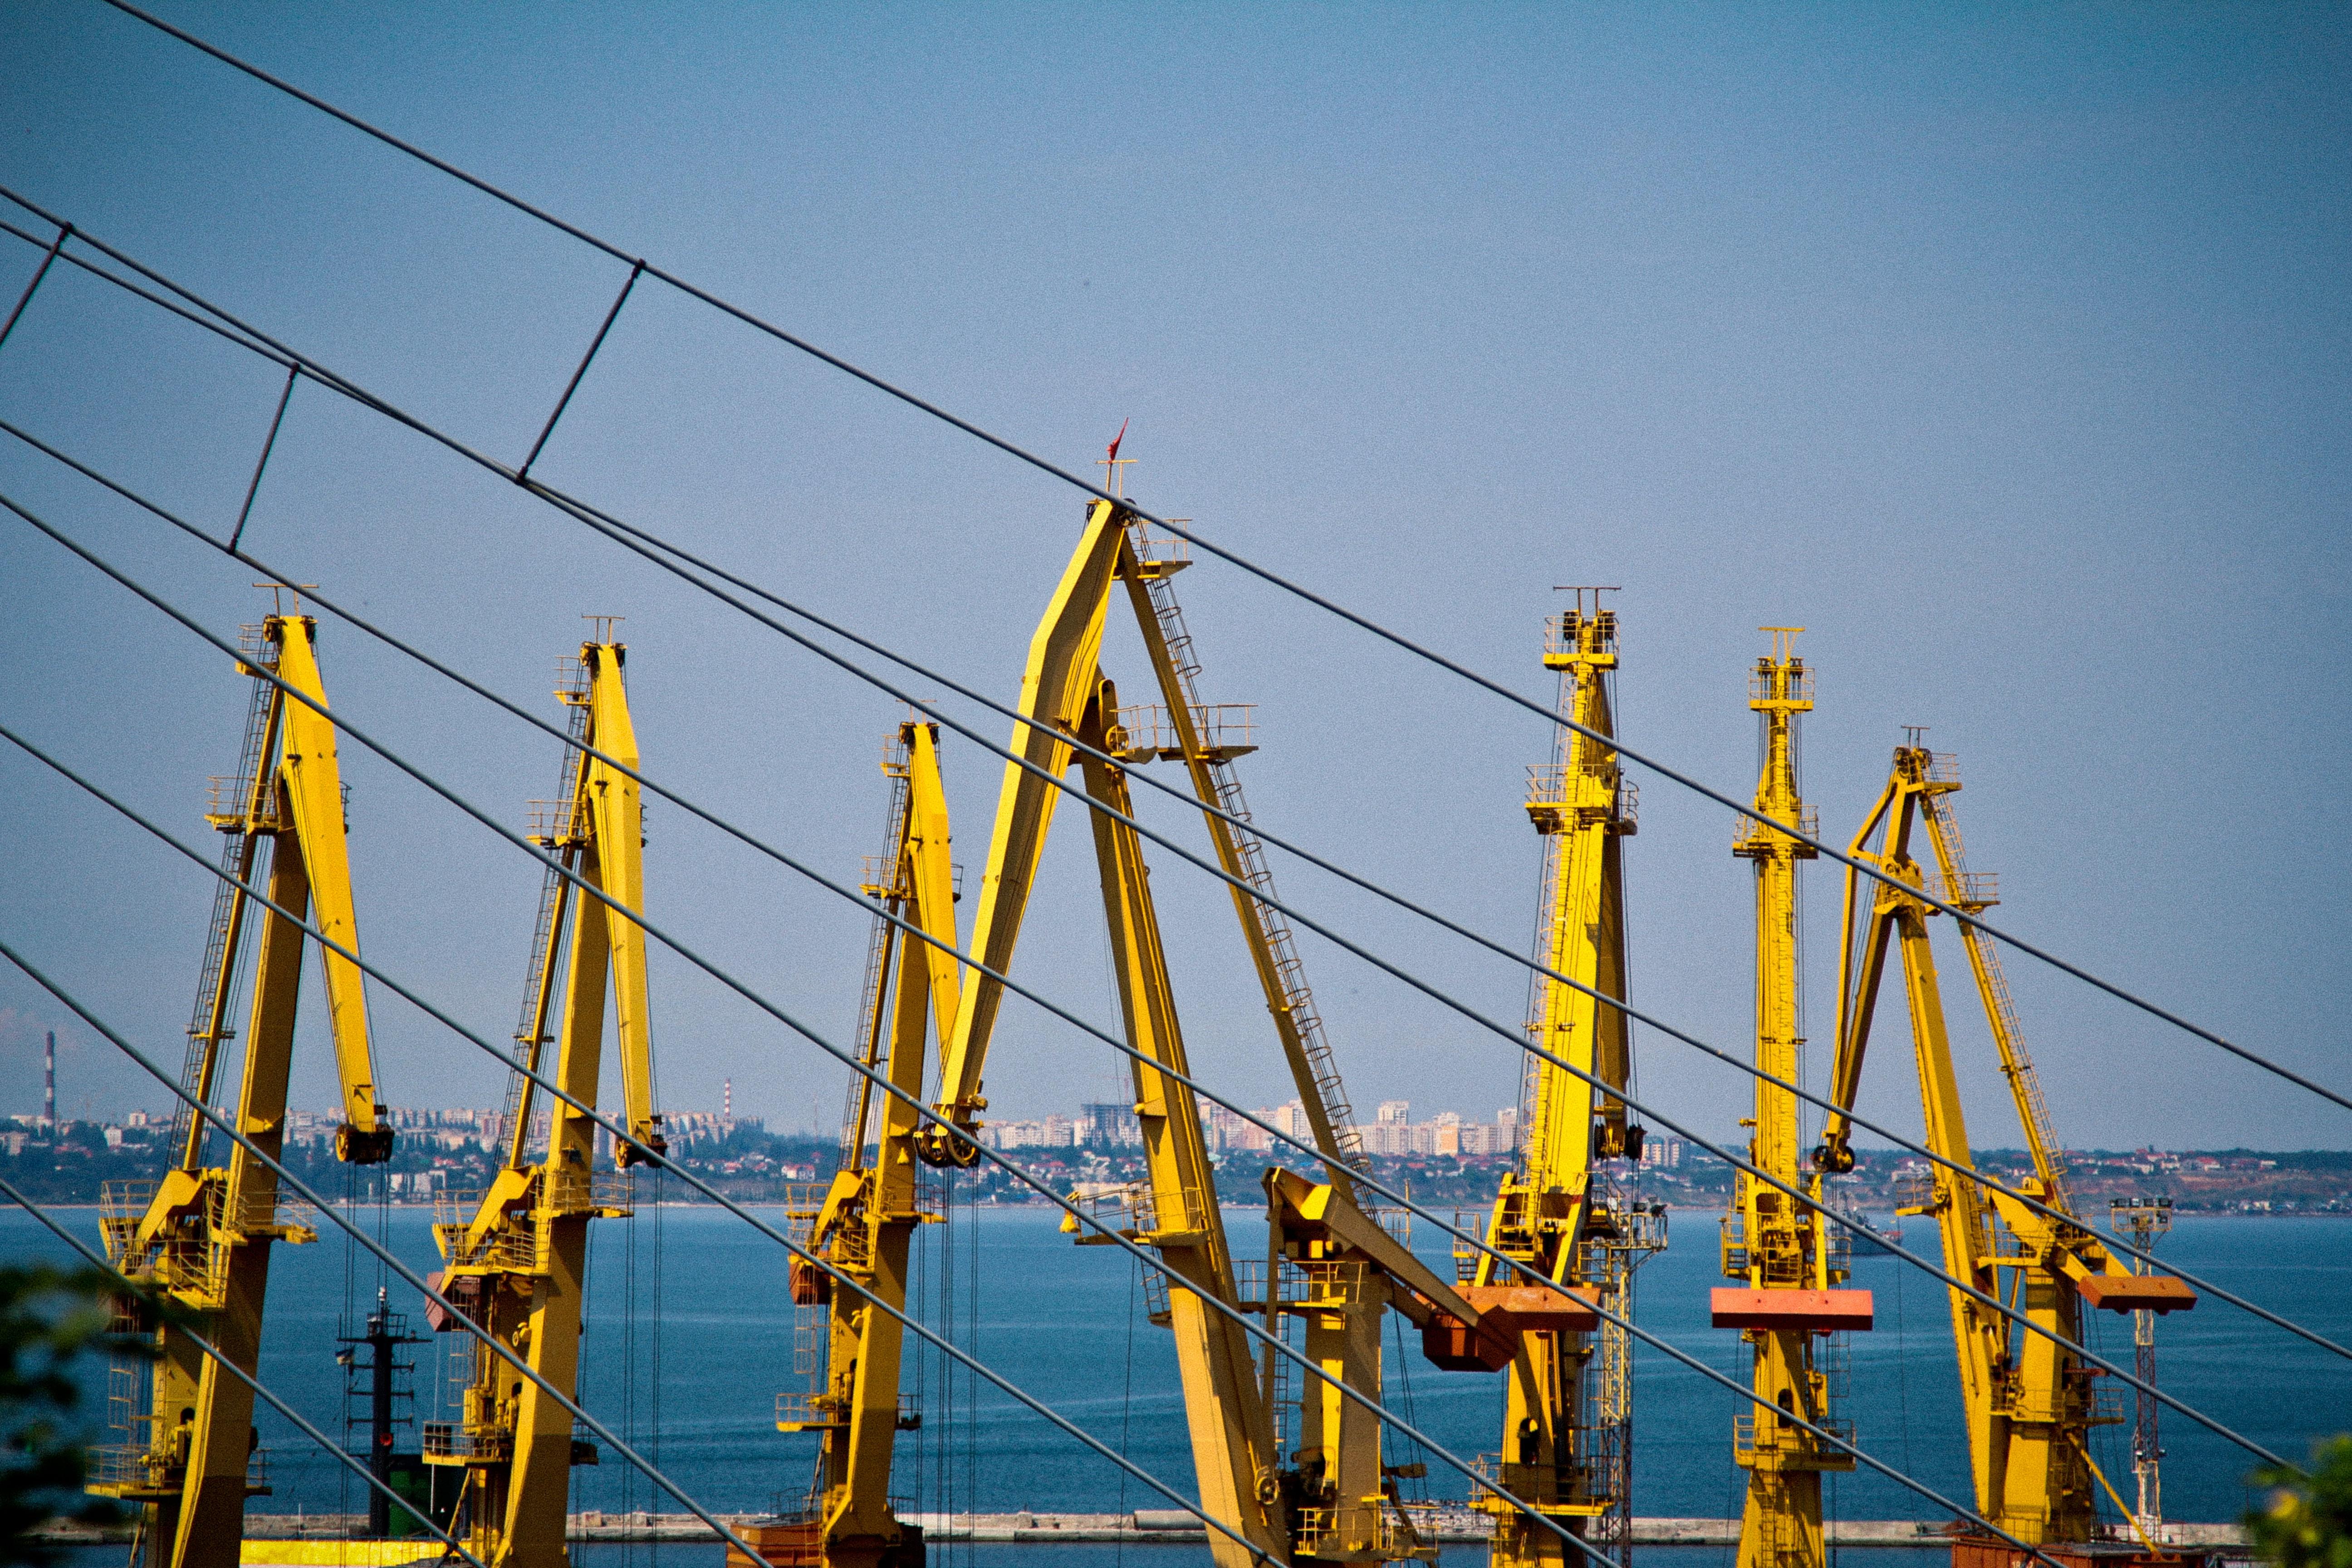 Free Images : vehicle, mast, port, electricity, energy